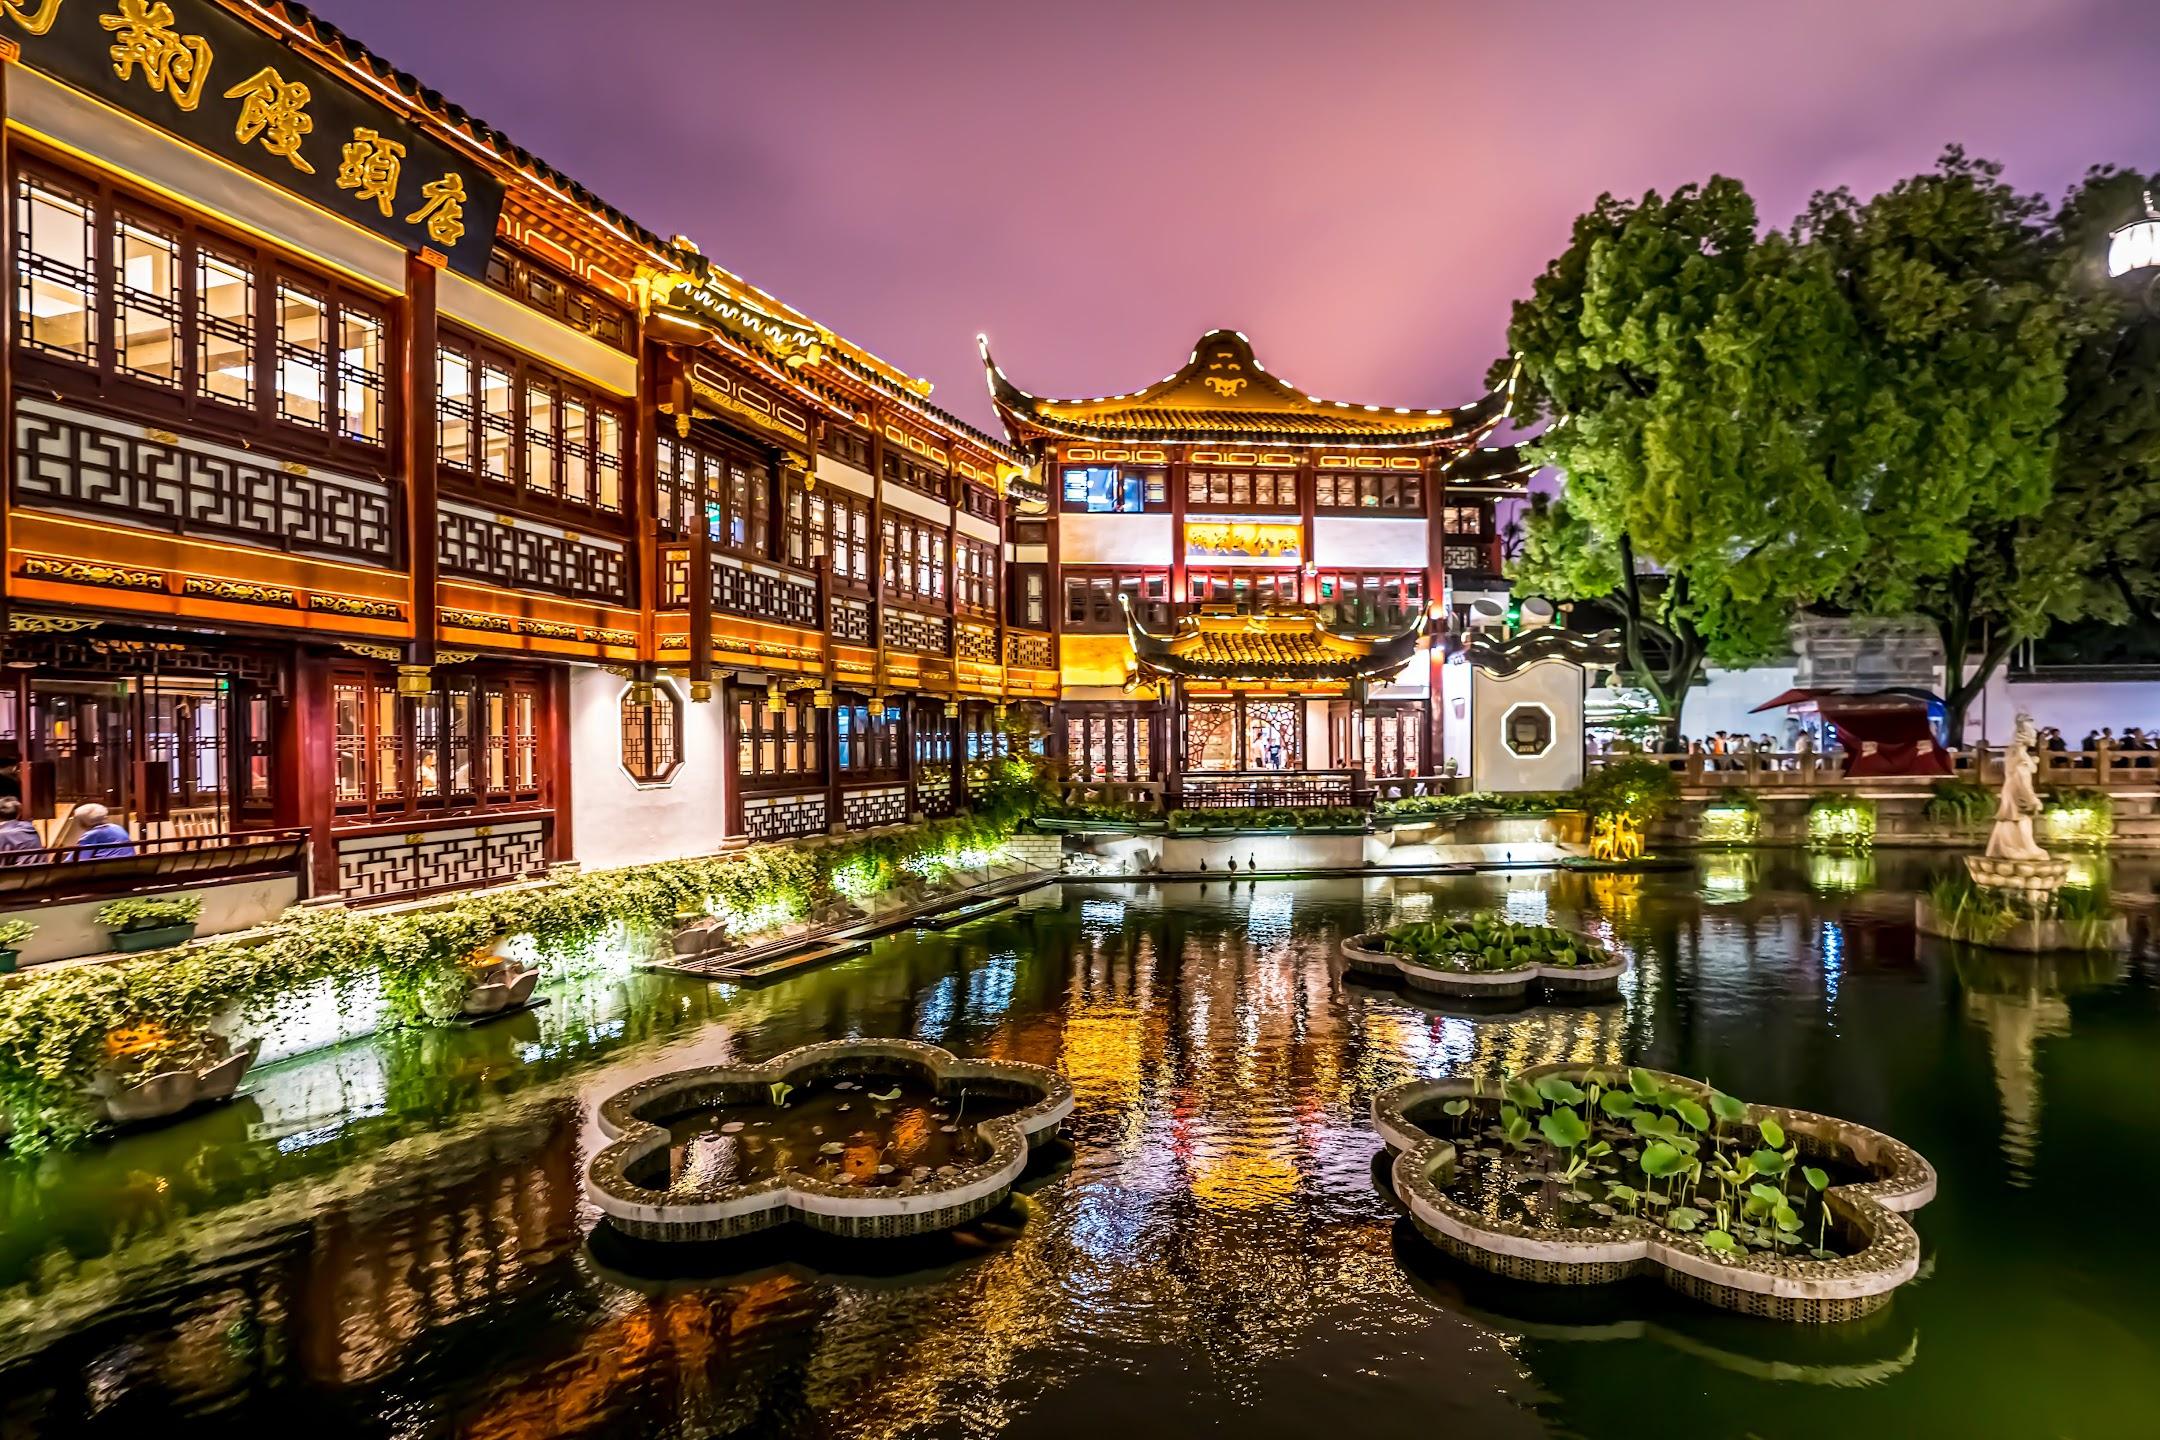 上海 豫園 南翔饅頭店 ライトアップ4